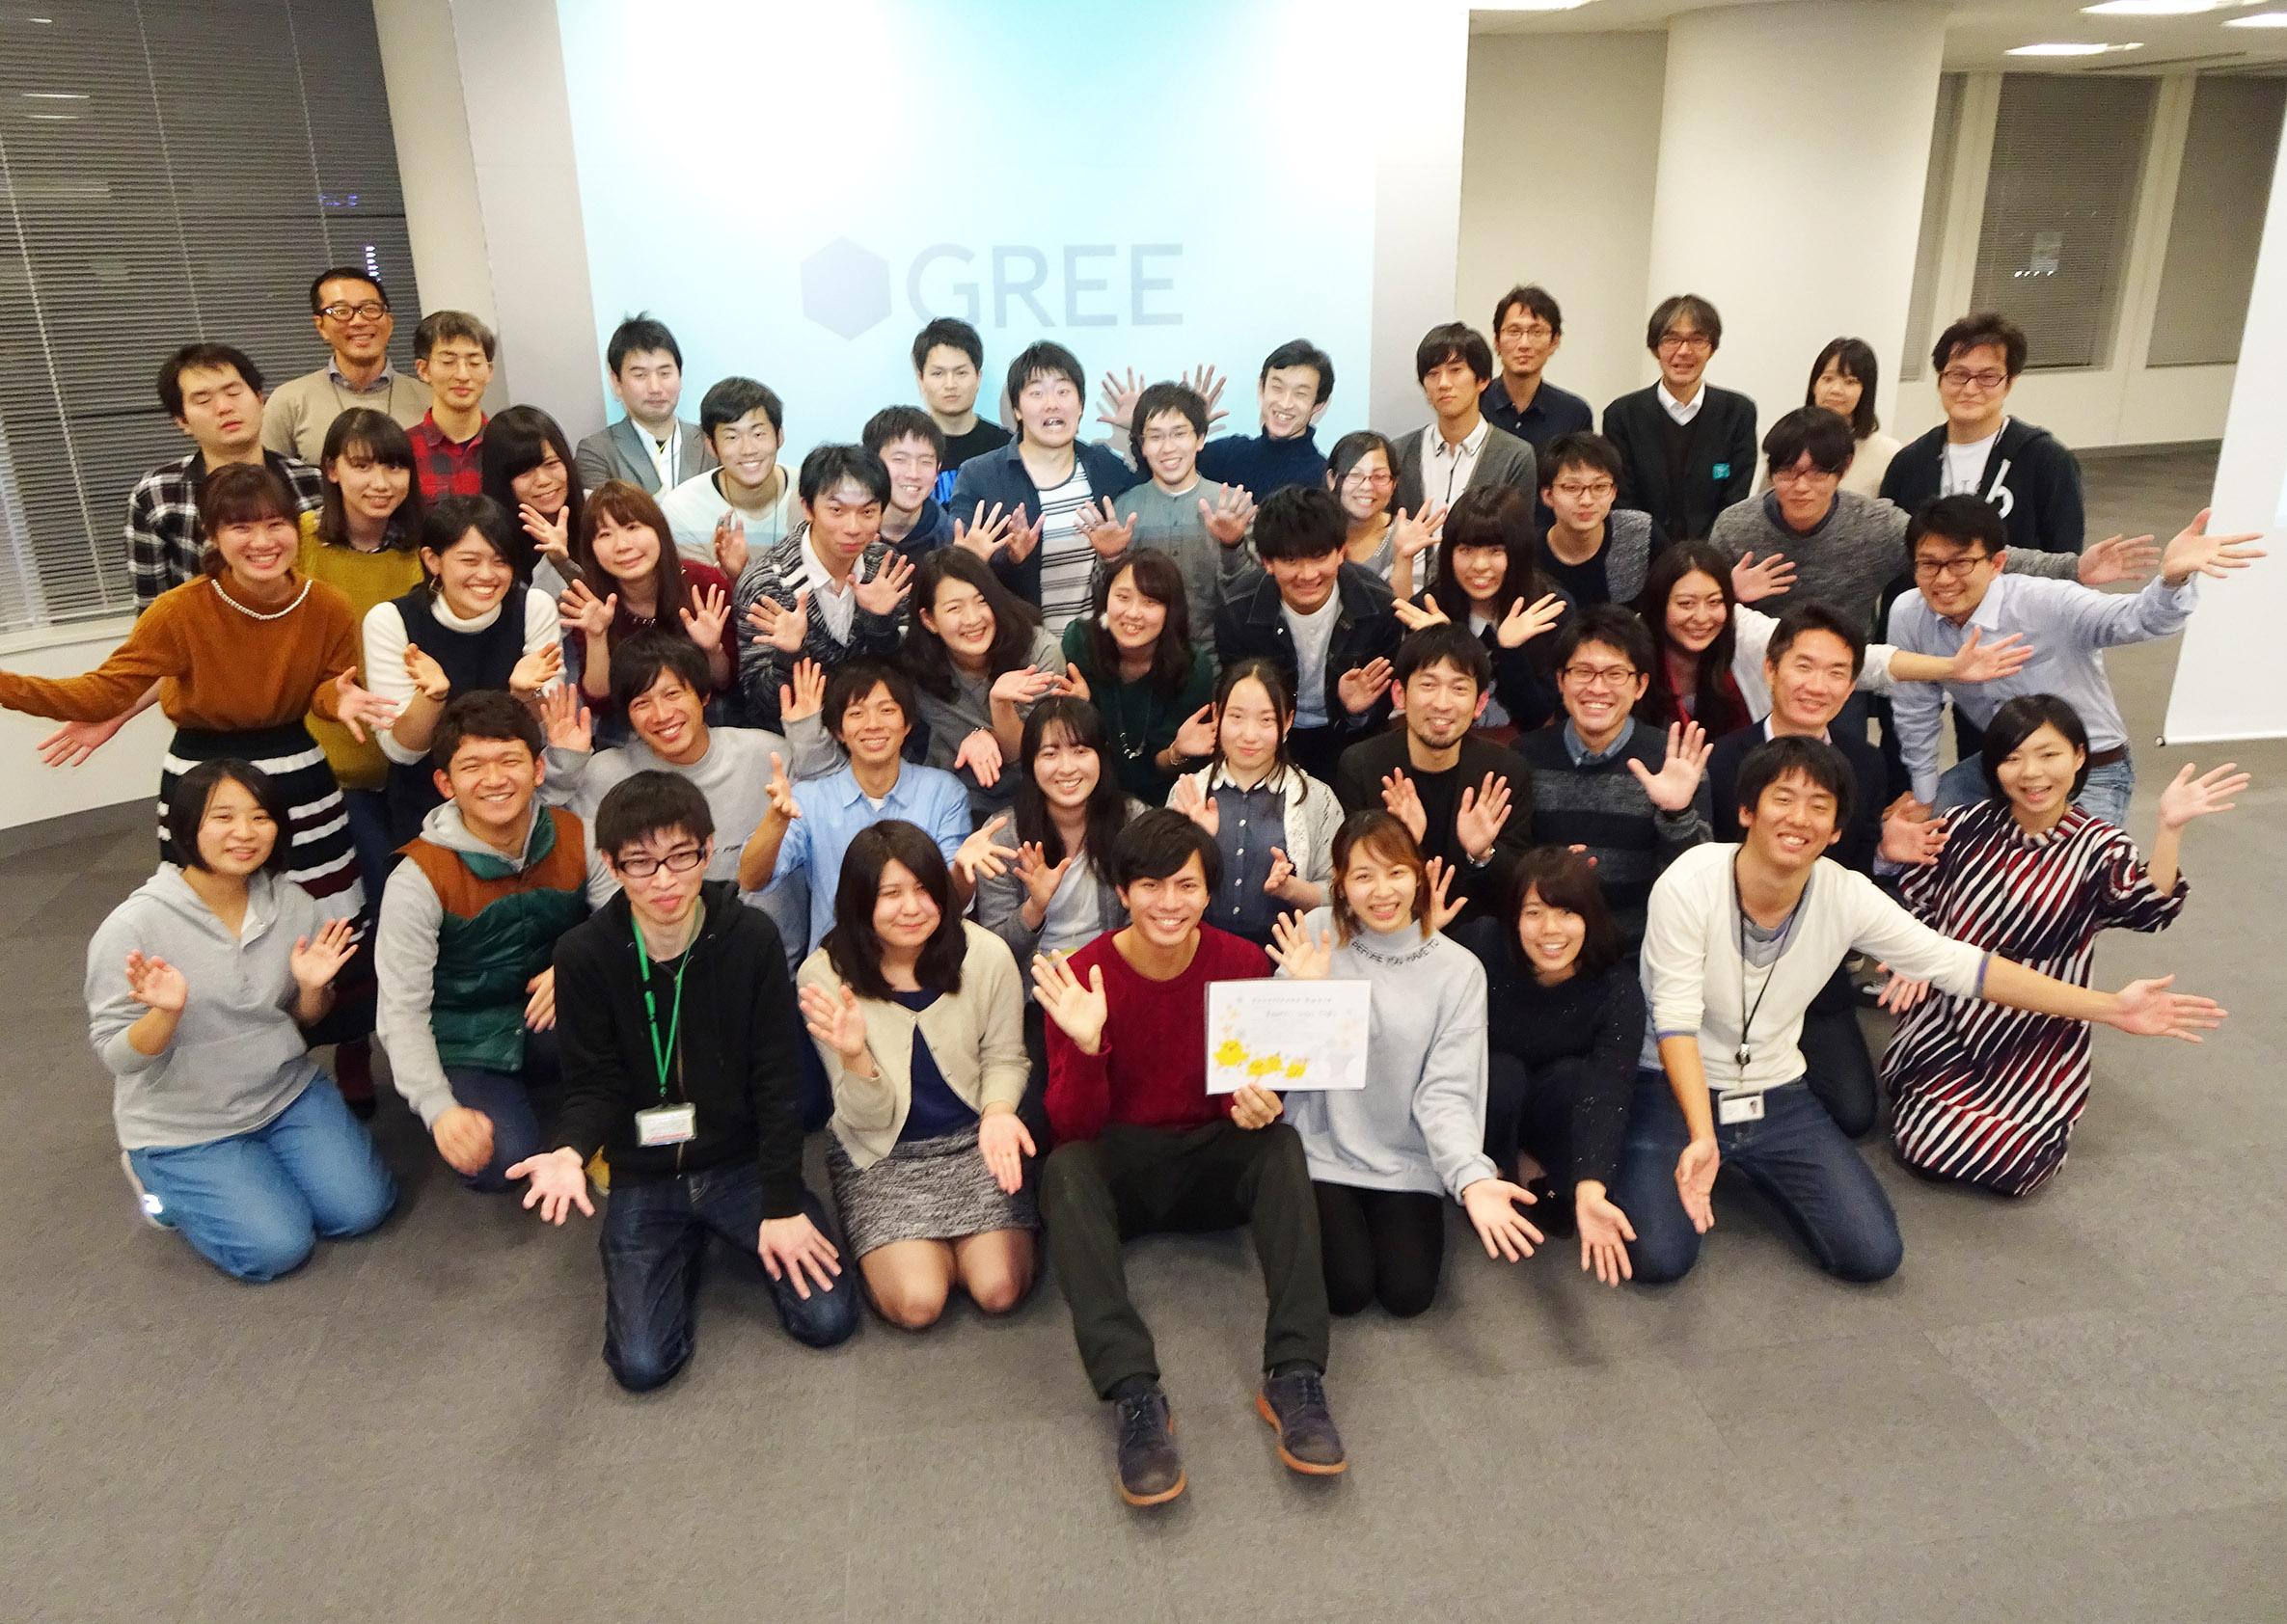 千葉大学教育学部が実施した教育ゲームハッカソン